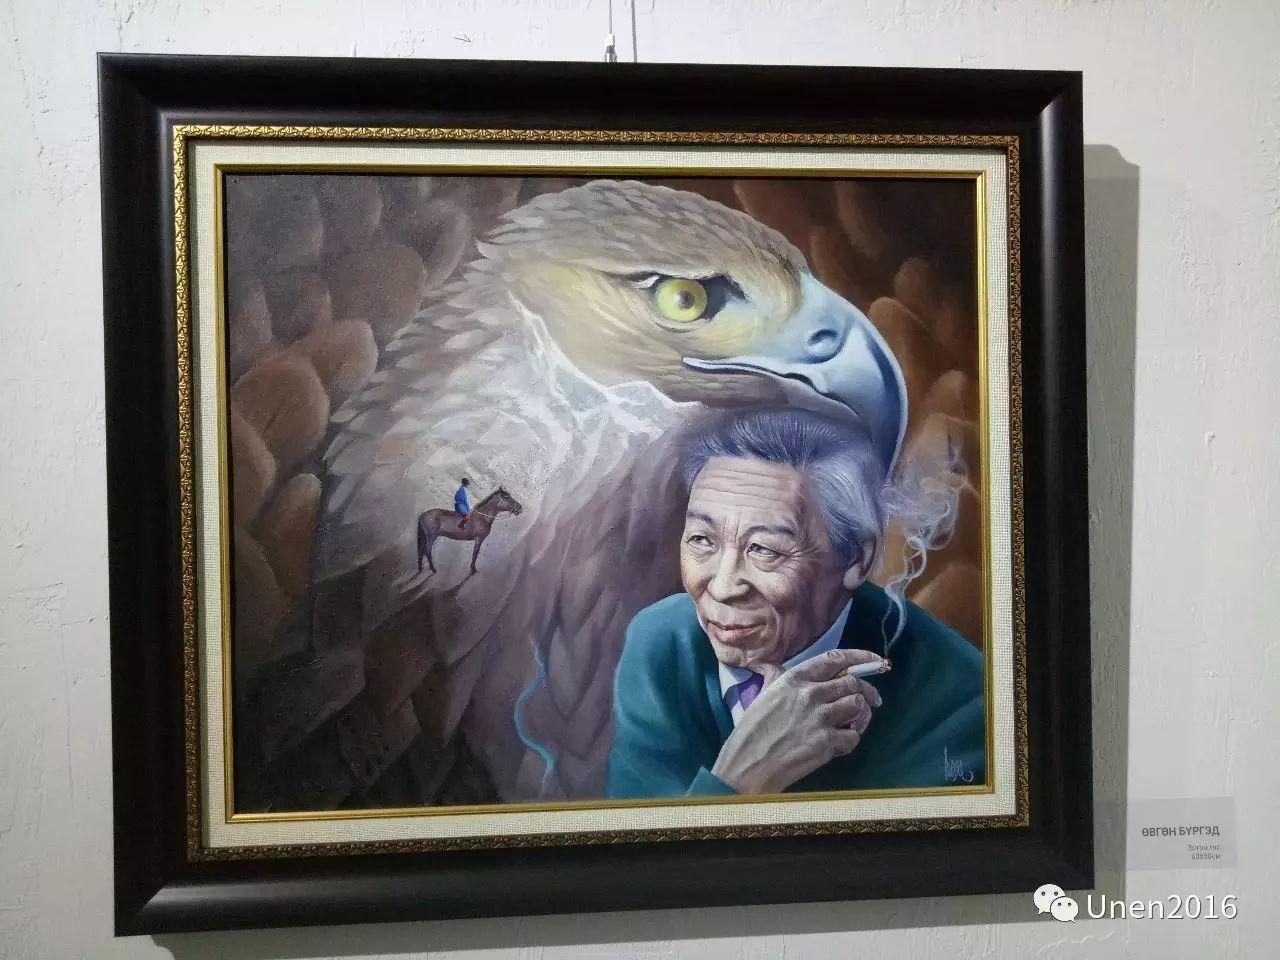 【Unen】美术:蒙古国青年画家巴雅尔的油画作品 第7张